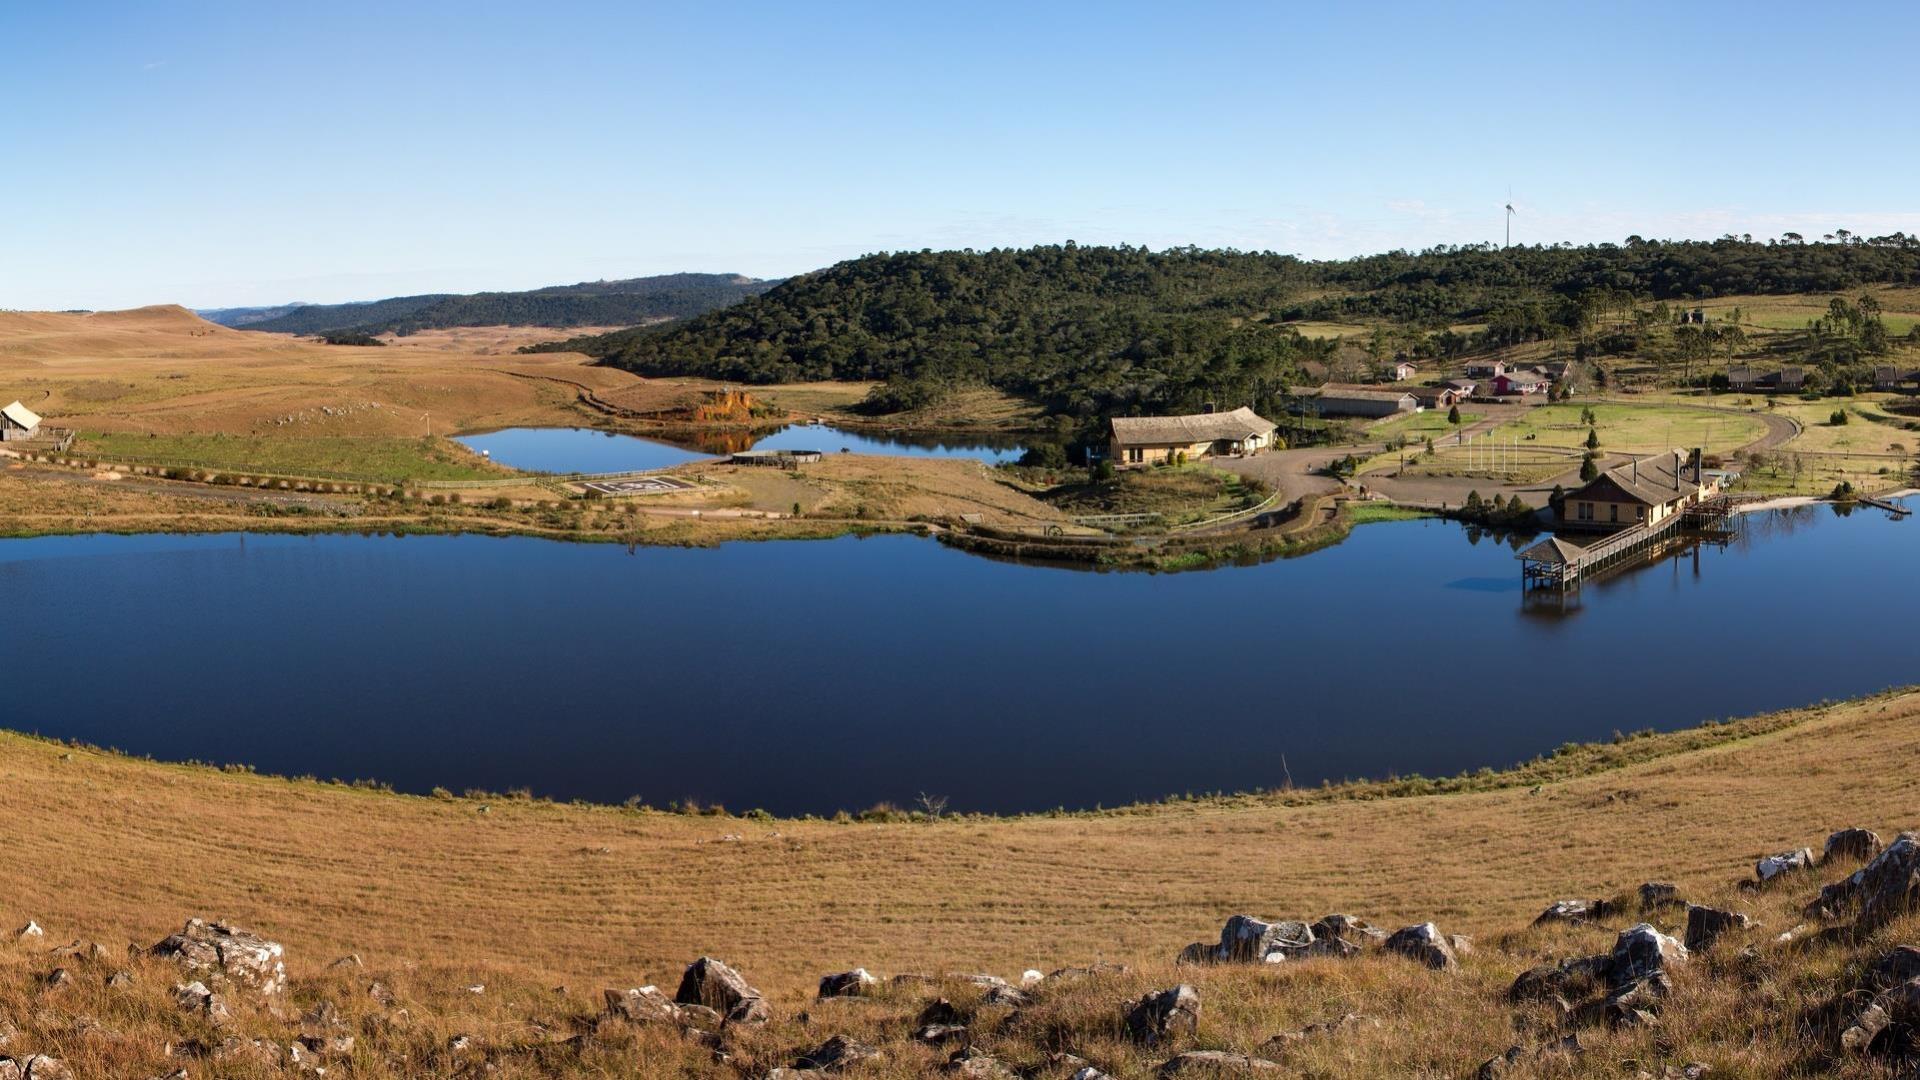 Brasilien Bom Jardim da Serra: Landestypische Unterkunft - Rio do Rastro Eco Resort